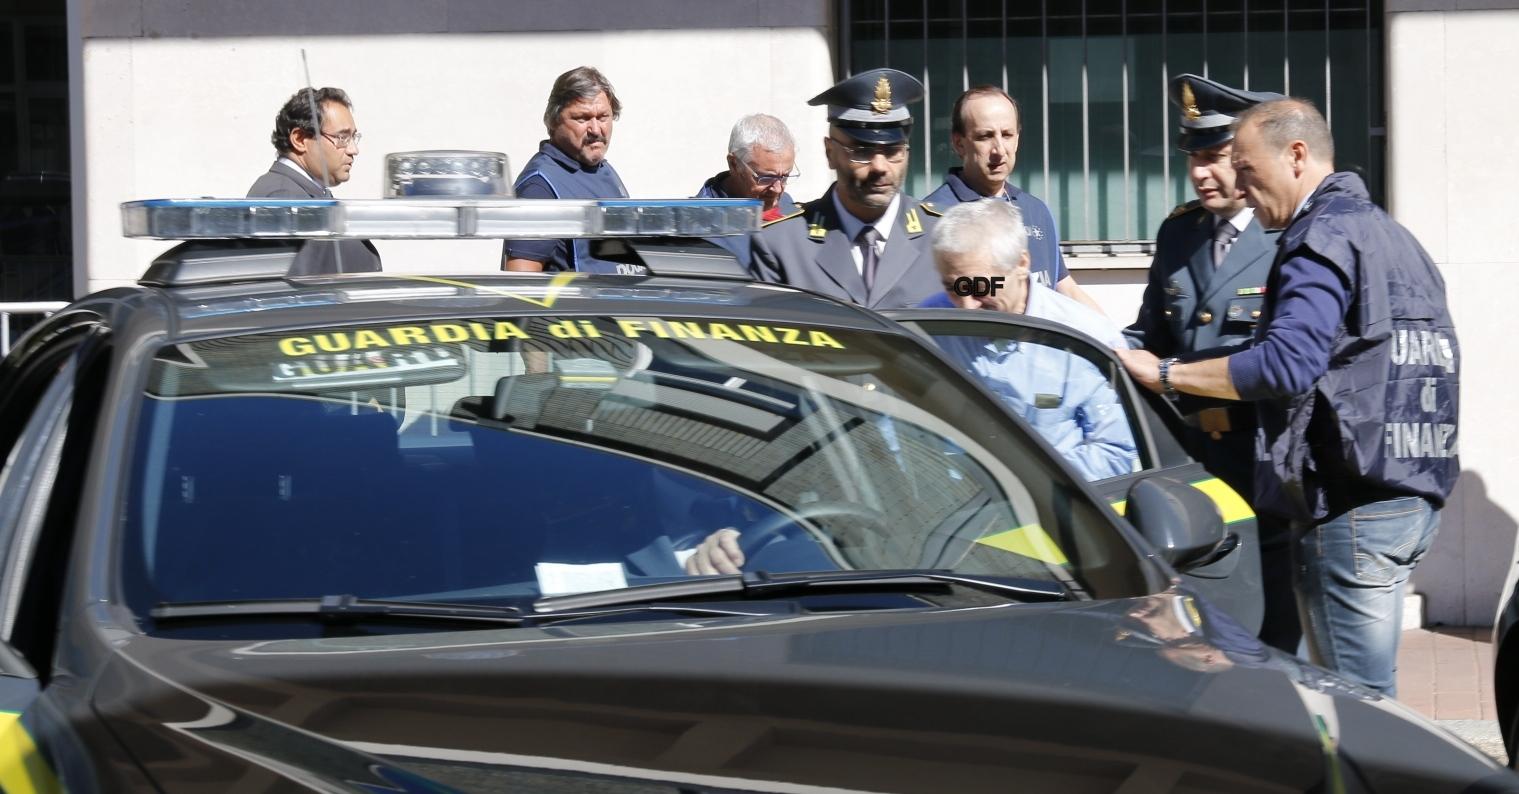 Crac Marenco: a conclusione delle indagiani 51 denunciati e sequestri per 107 milioni di euro